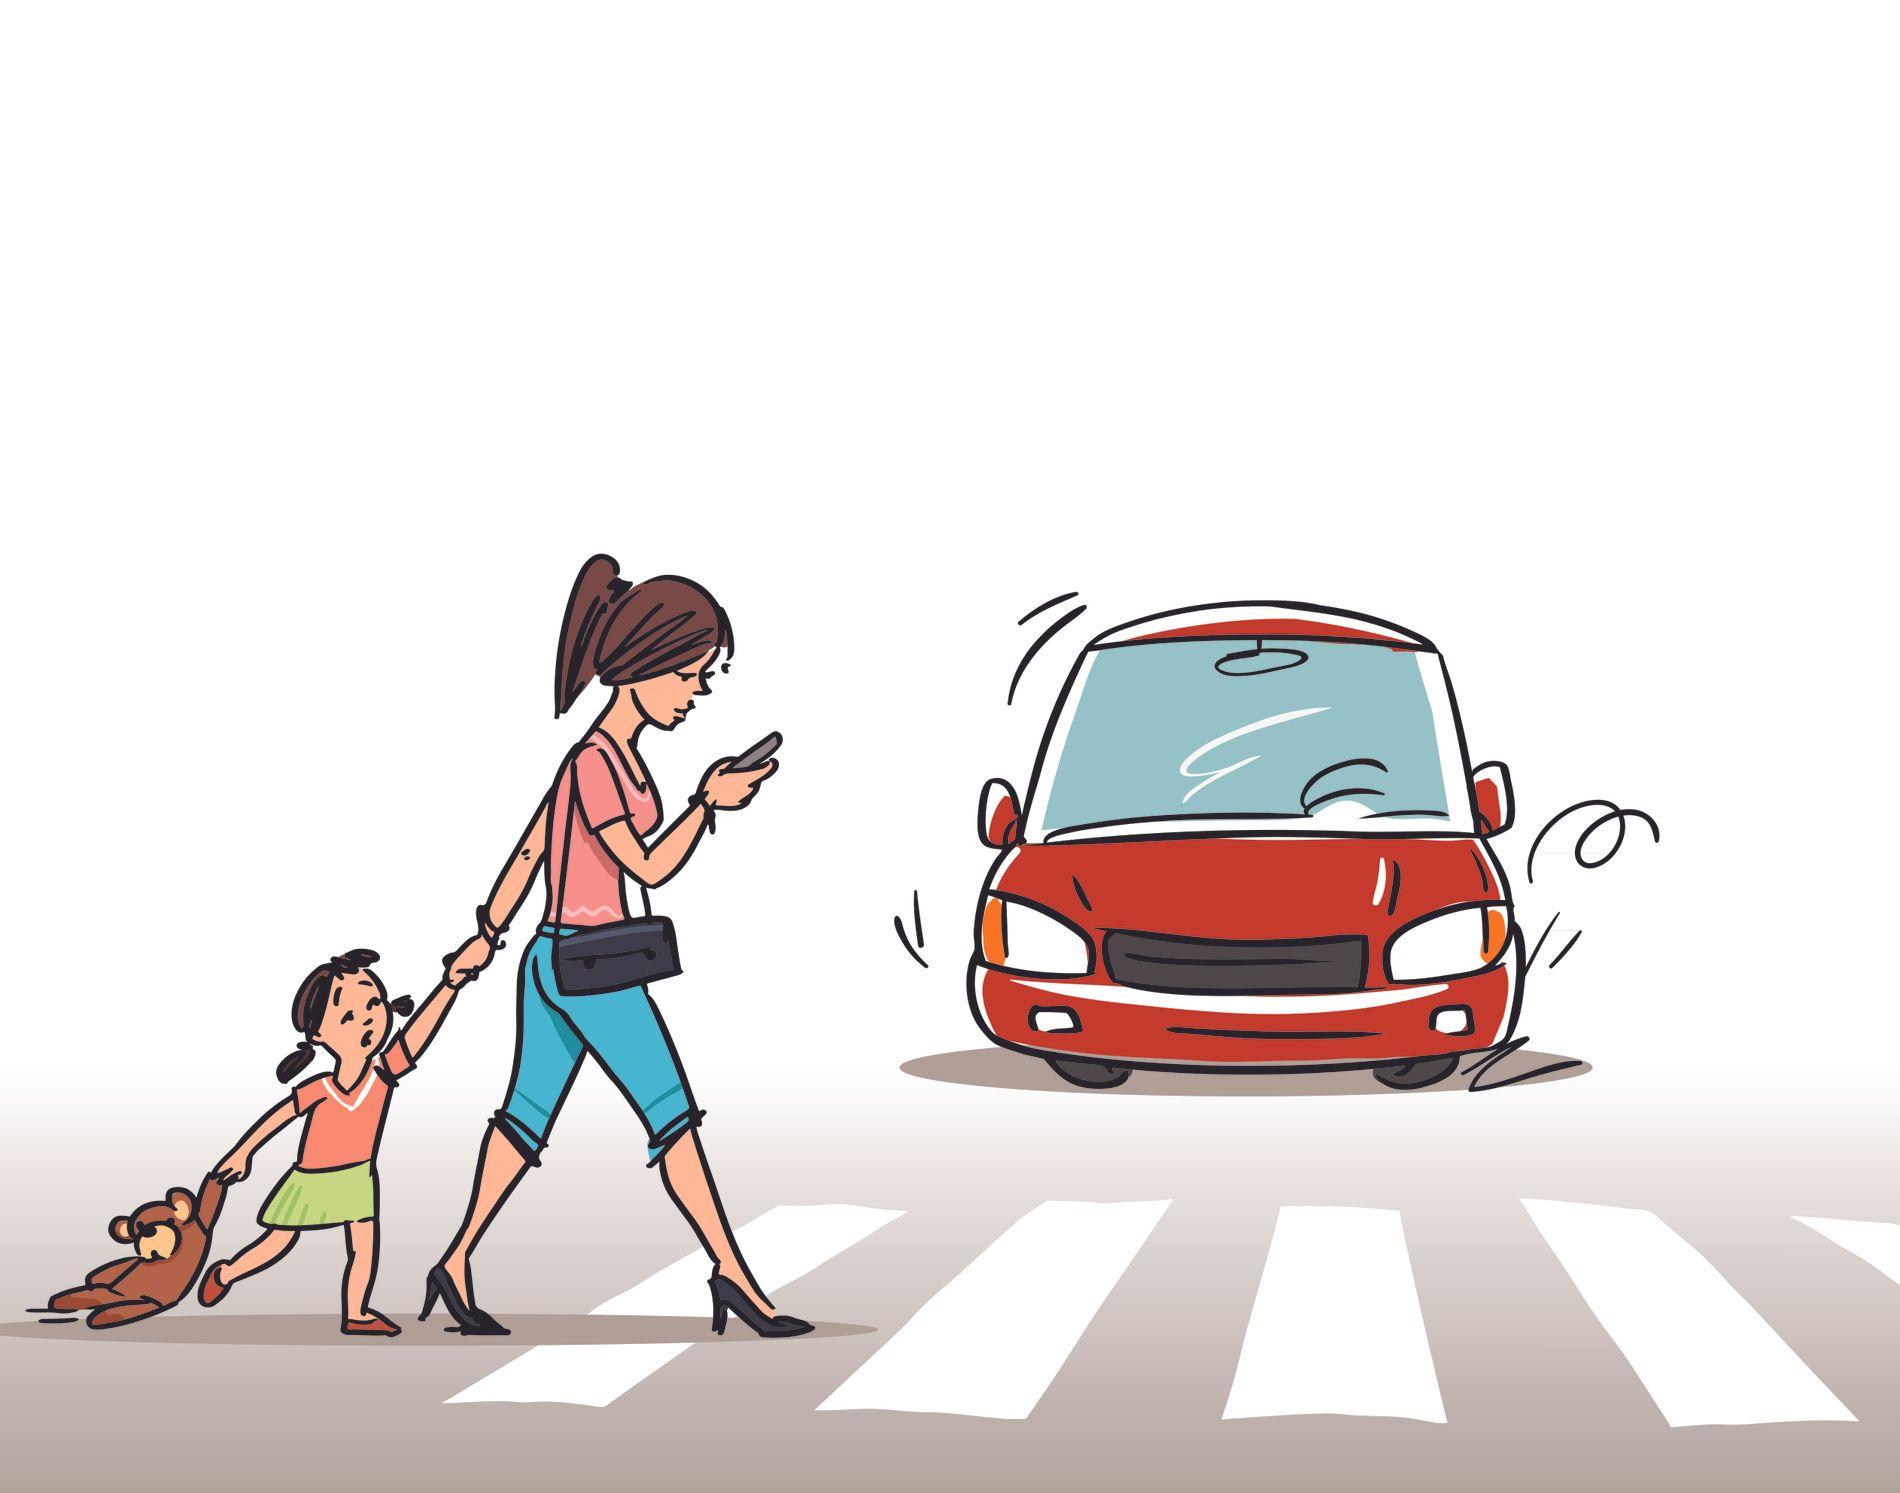 FARLIG: Det er straffbart å bruke mobil og liknende når man kjører, og det spørs om det samme bør gjelde for gående, skriver innsenderen. ILLUSTRASJON: SHUTTERSTOCK/NTB SCANPIX